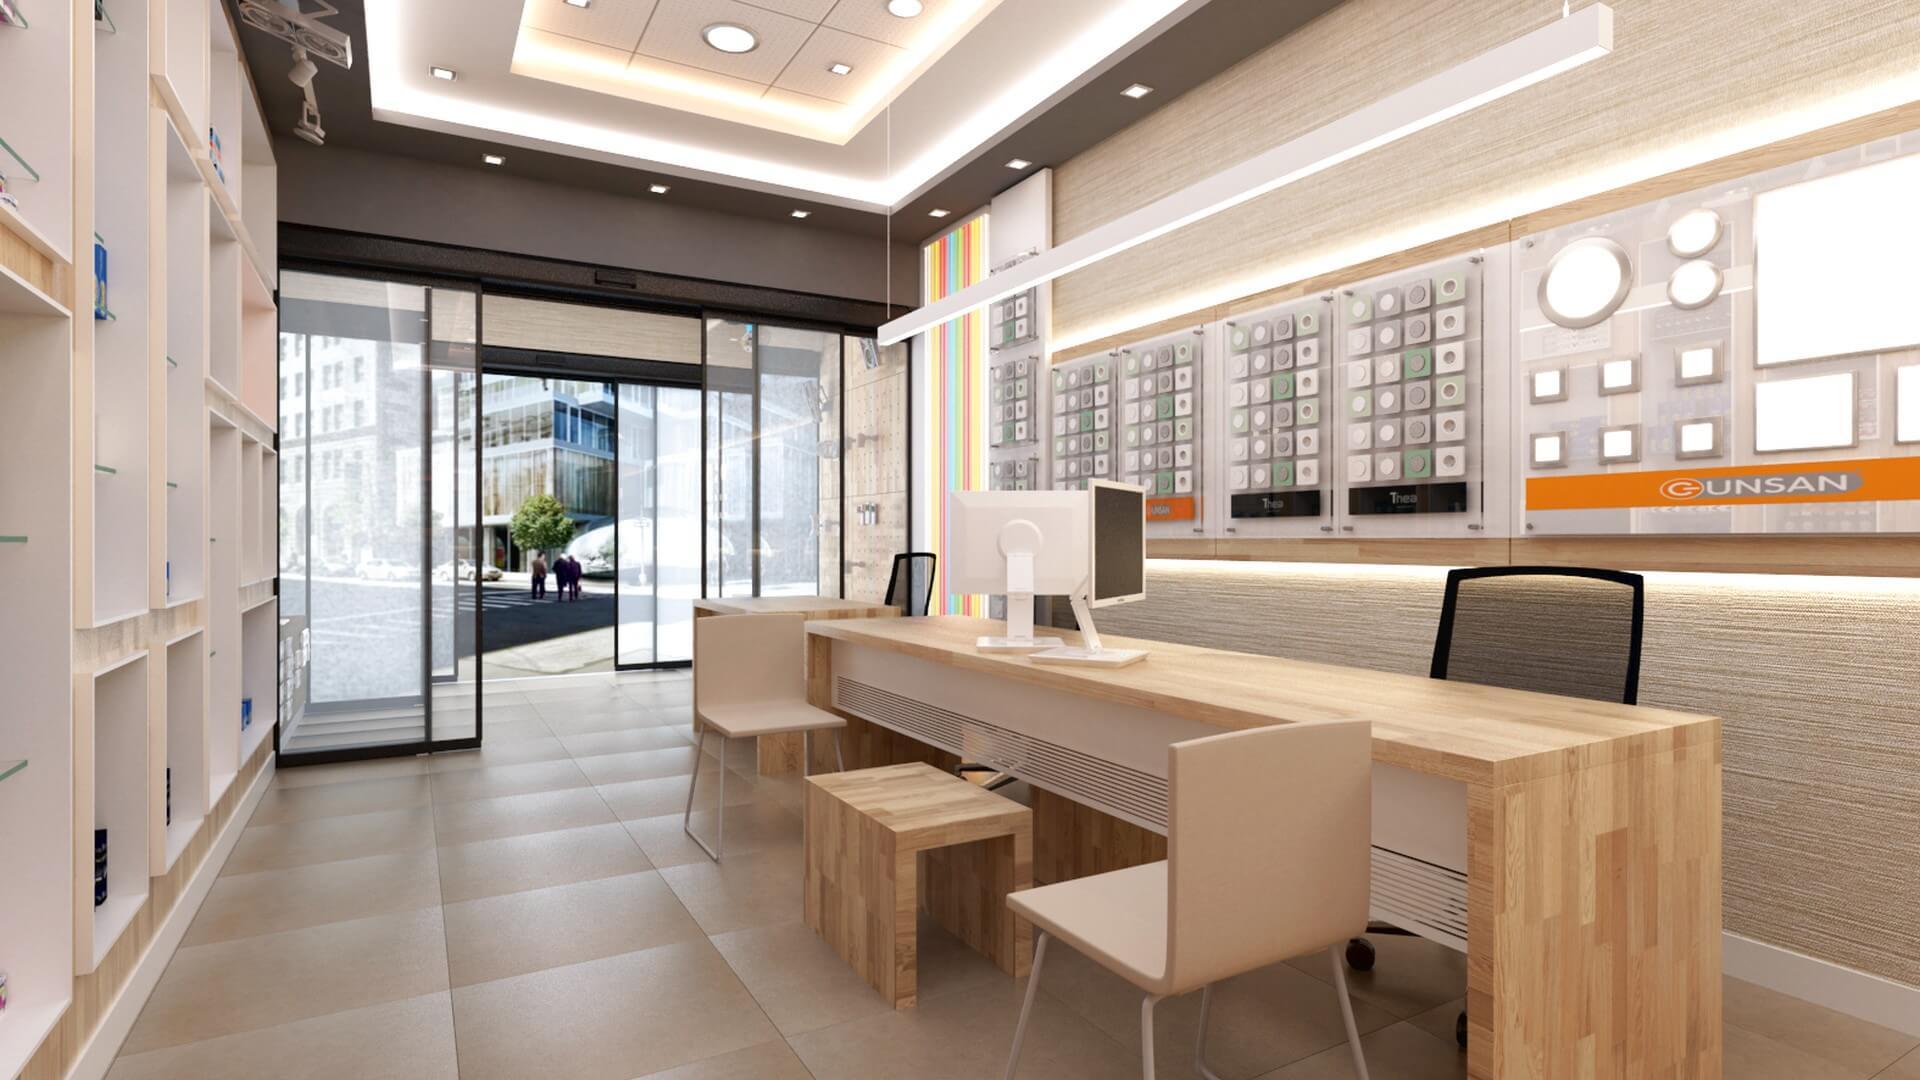 Mağaza Tasarımları ve İçmimari Dekorasyonu Yetven Elektrik / Ulus